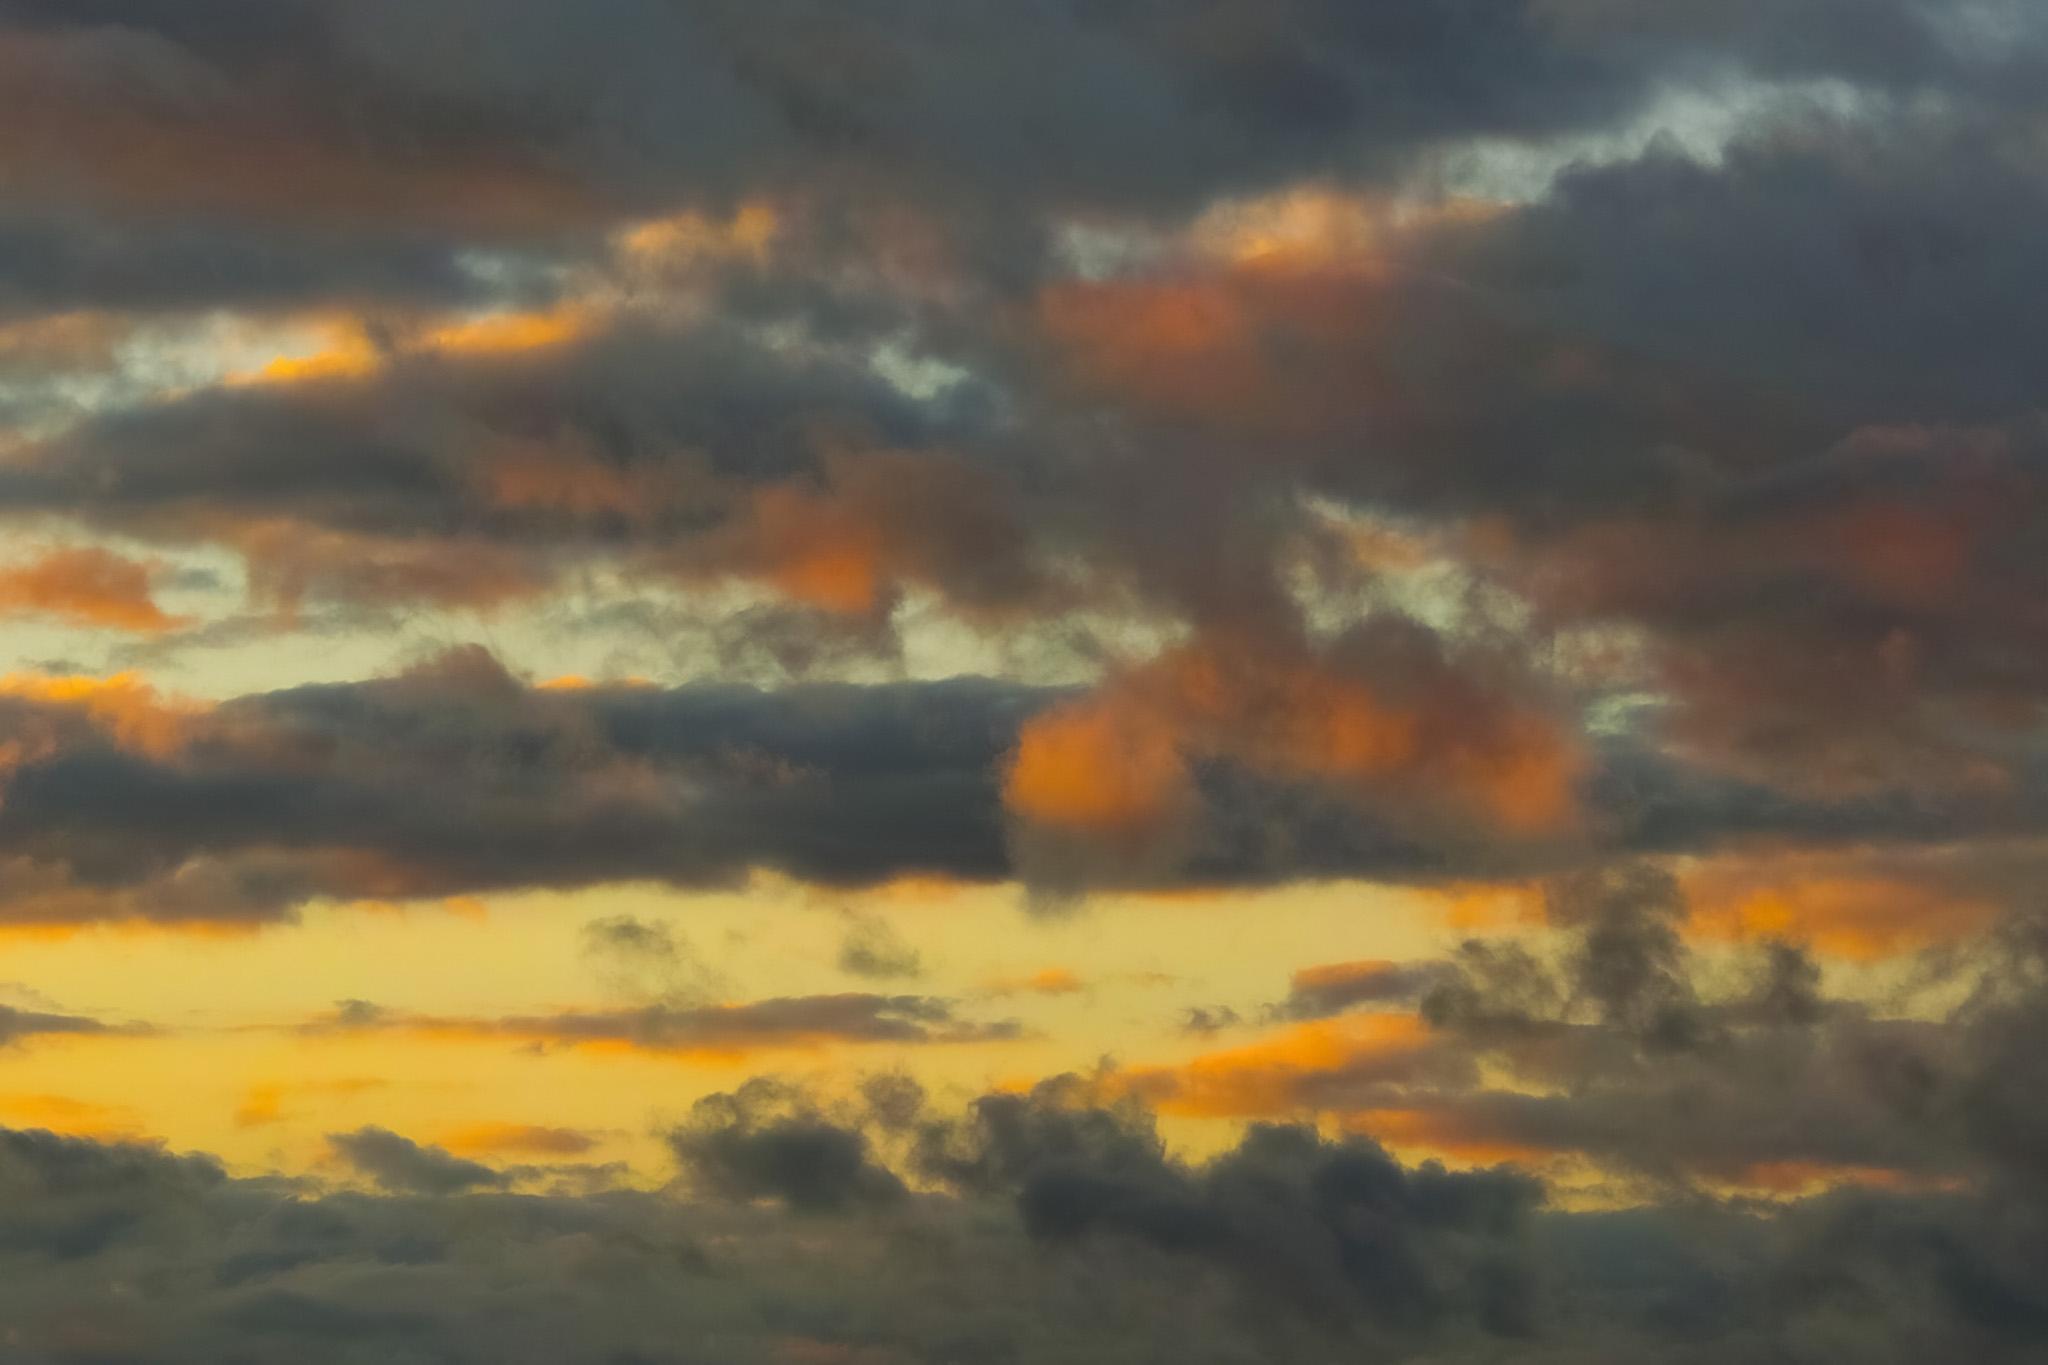 「夕焼けに滲む灰色の雲」